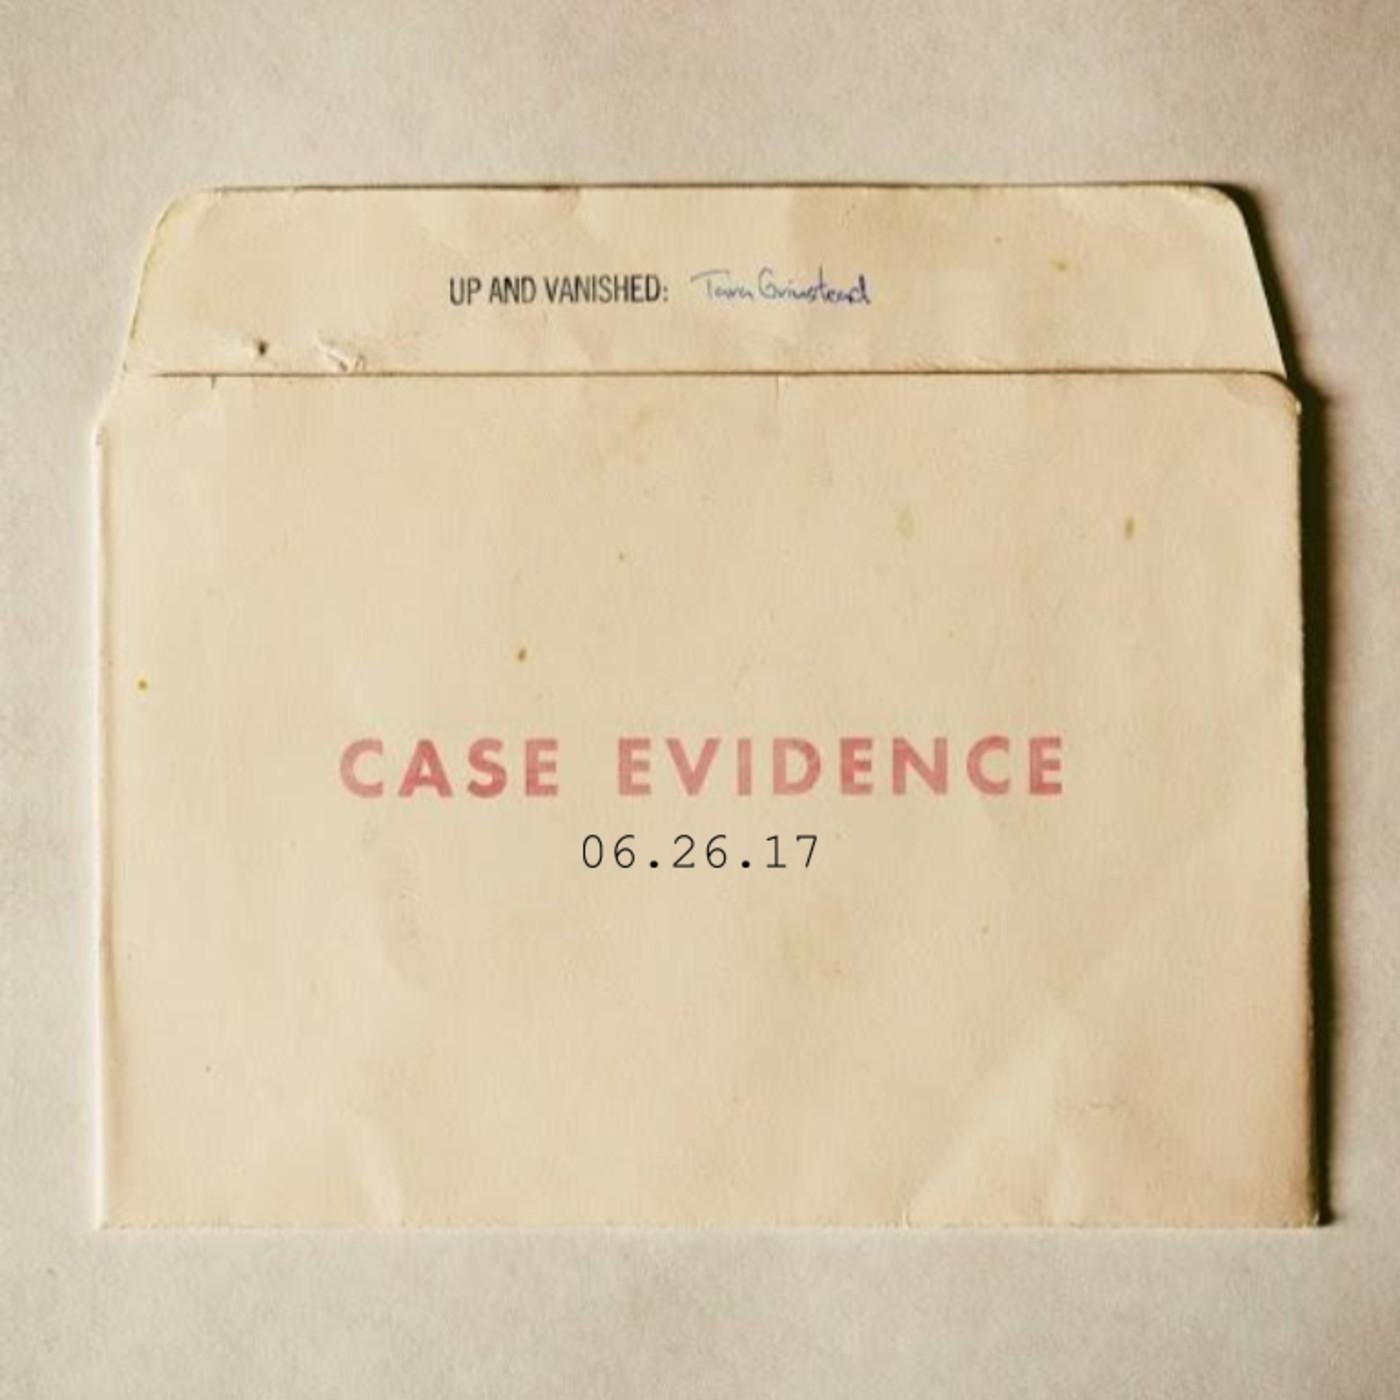 S1E : Case Evidence 06.26.17